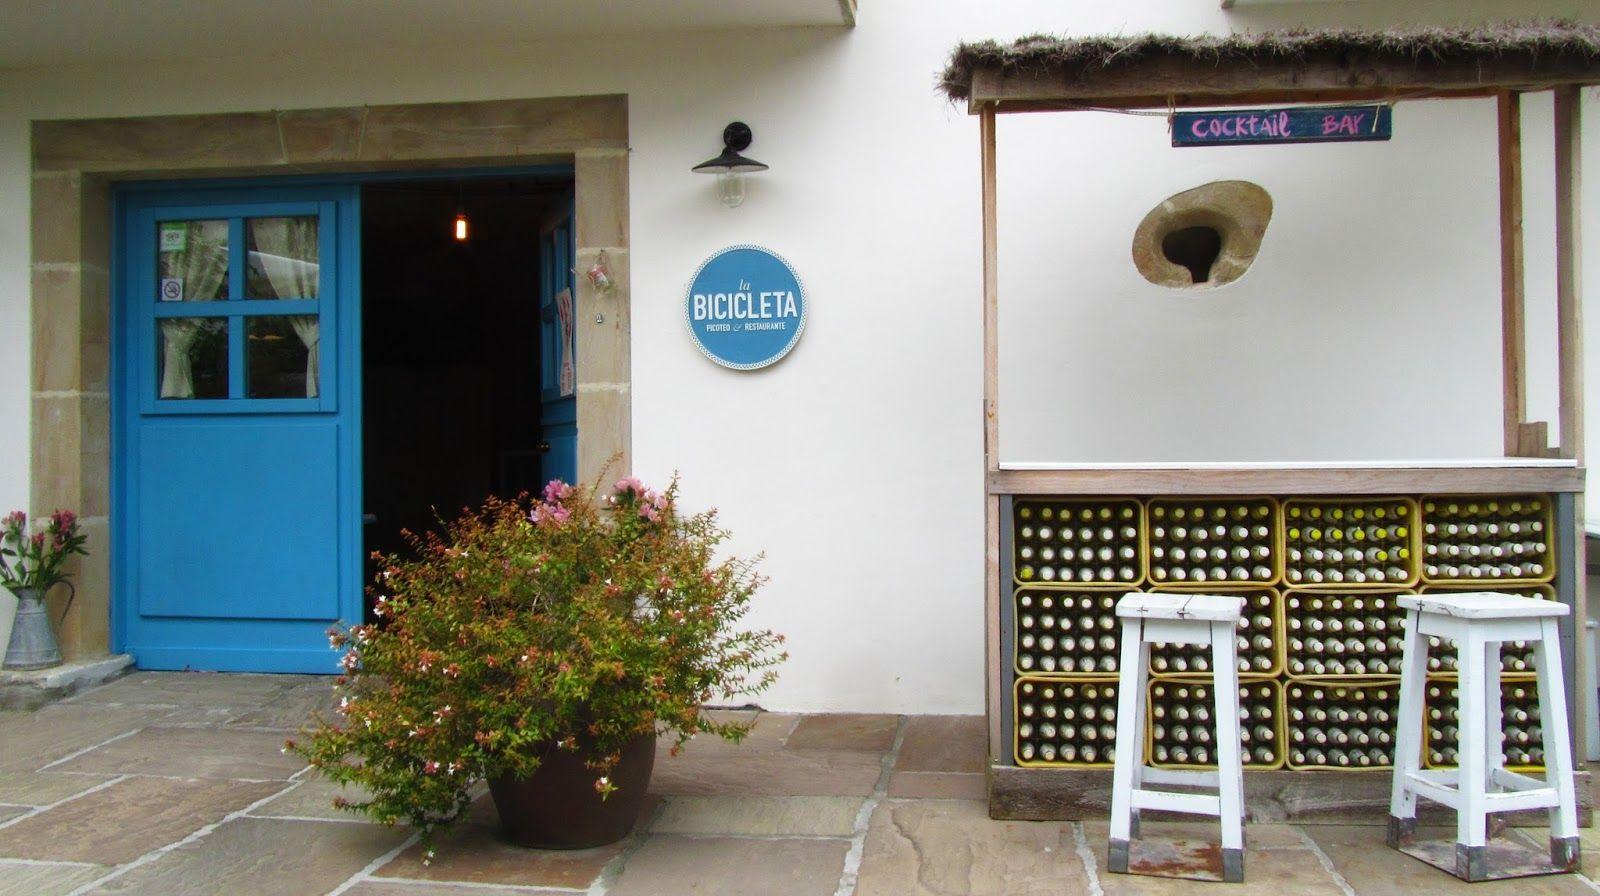 Restaurante La Bicicleta Hoznayo Cantabria A 20 Minutos De  # Muebles Hoznayo